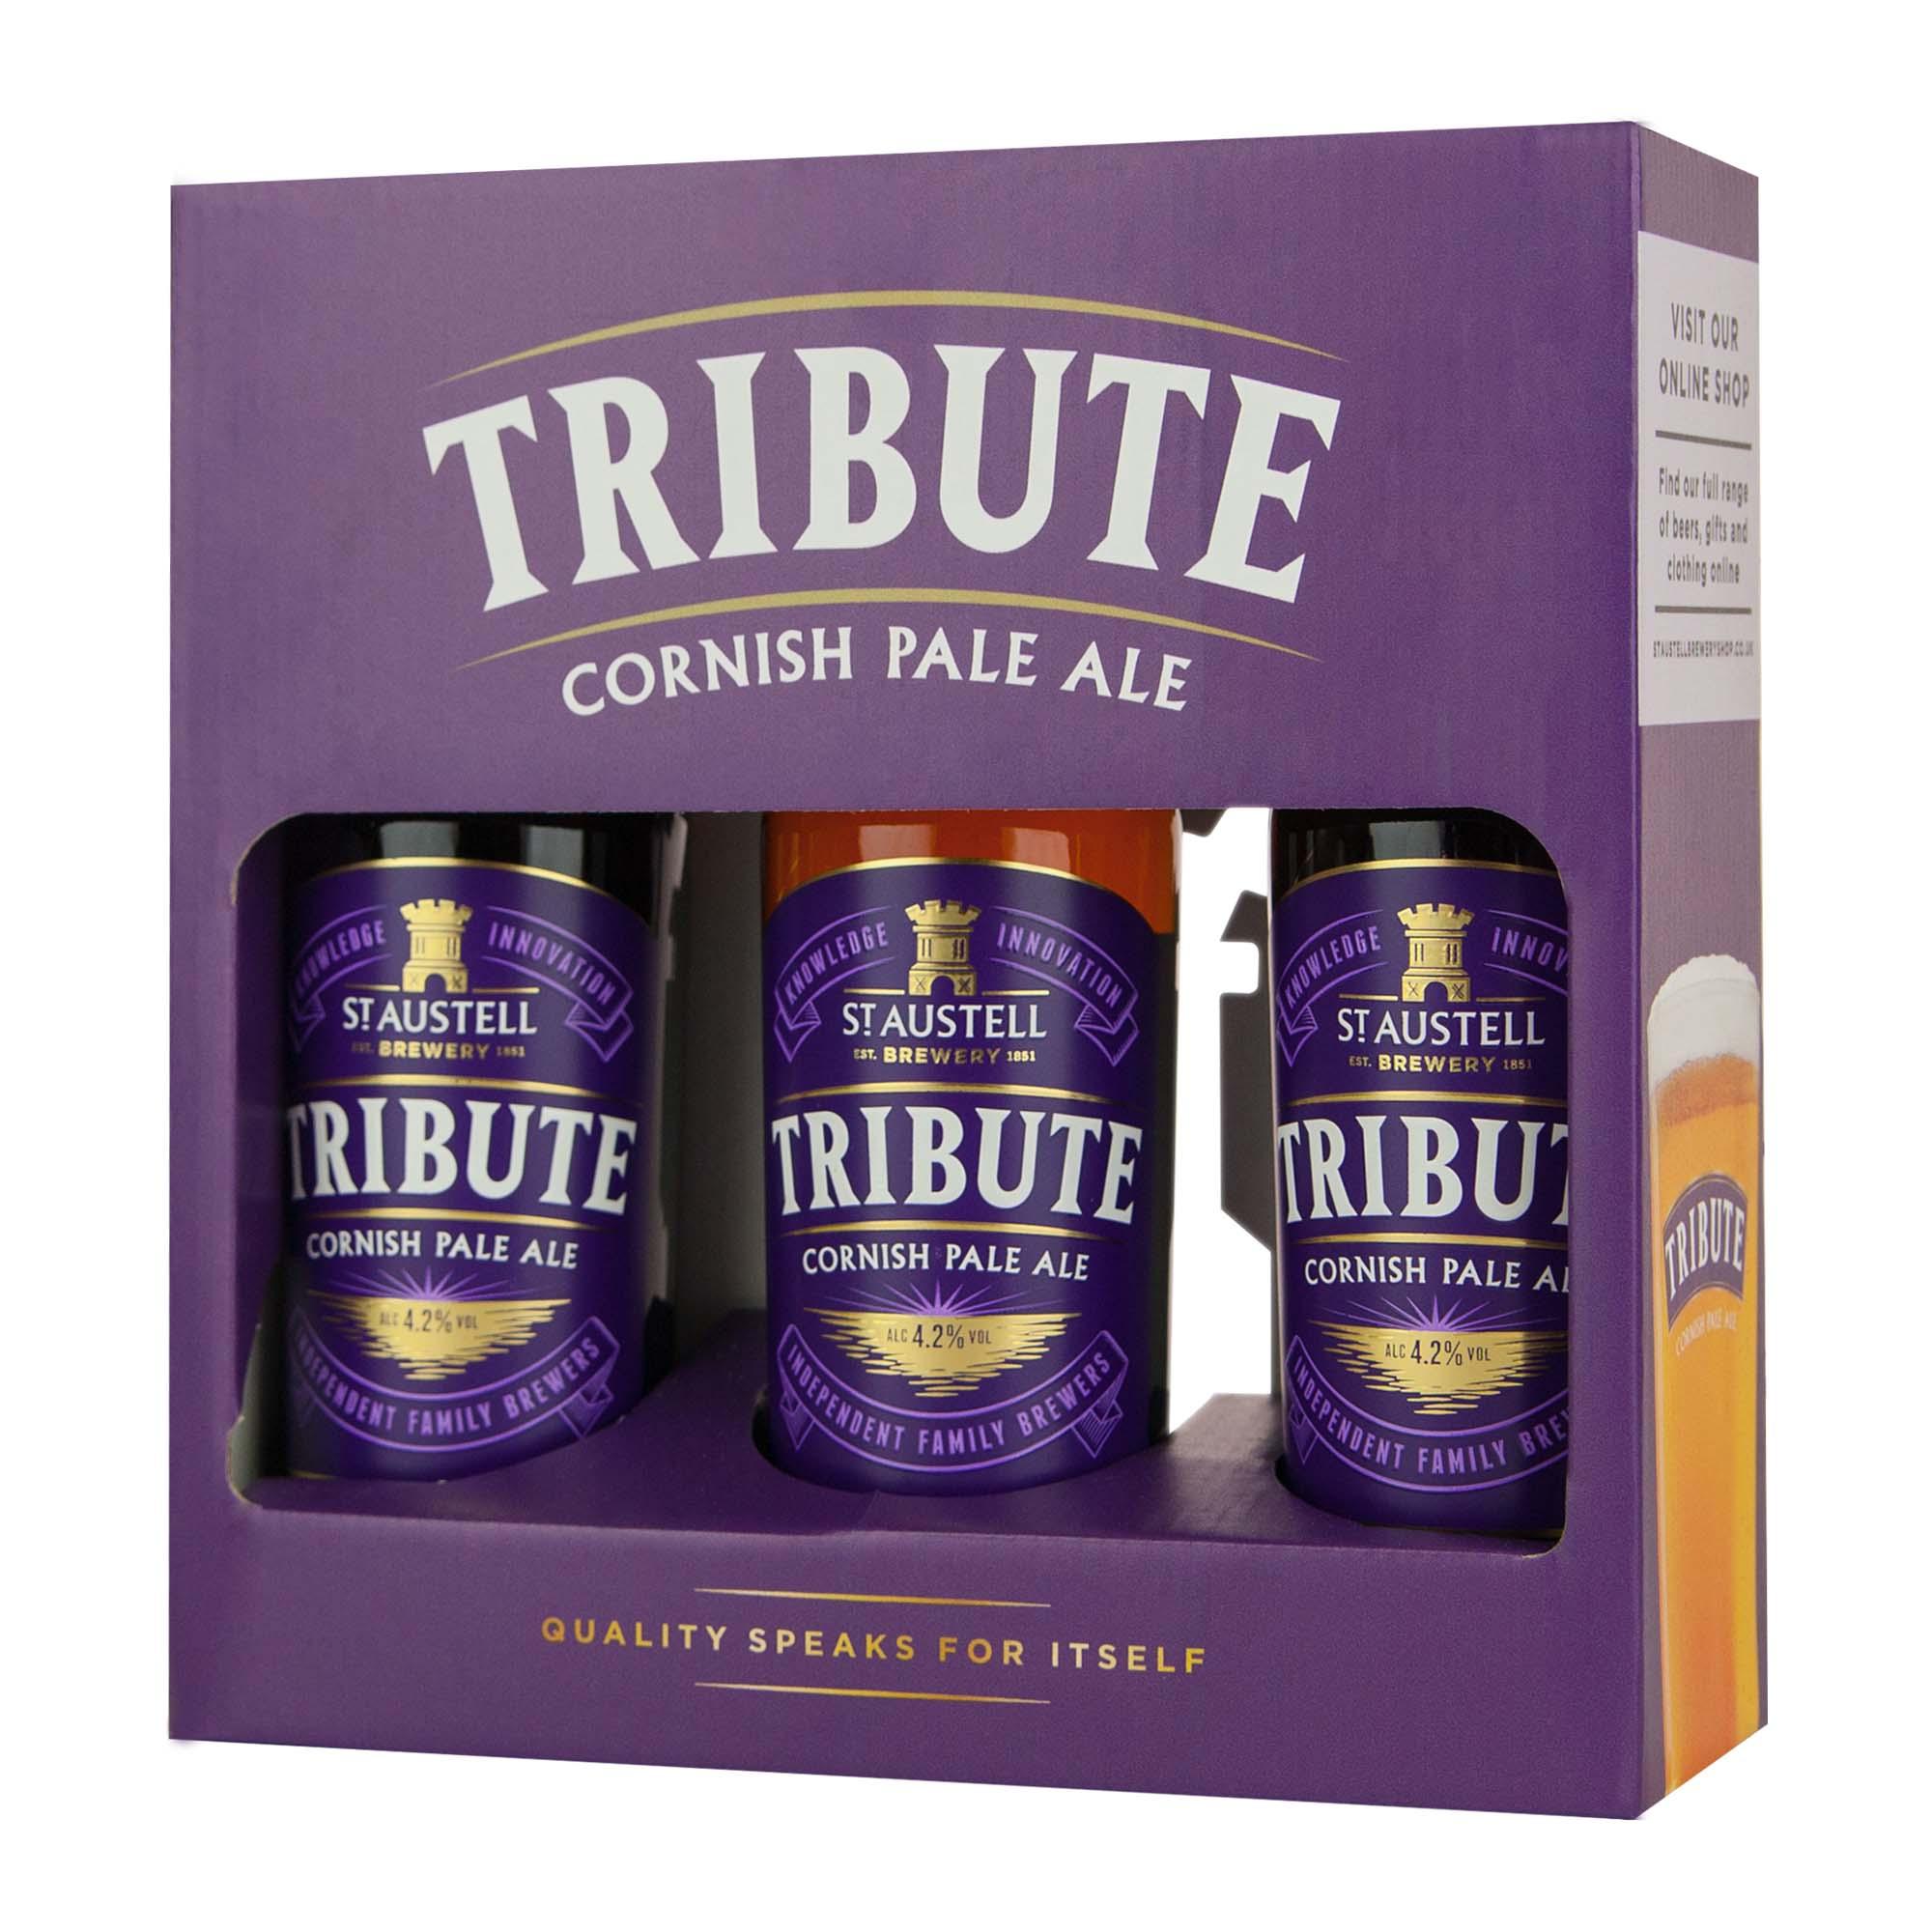 Tribute 3 bottle pack